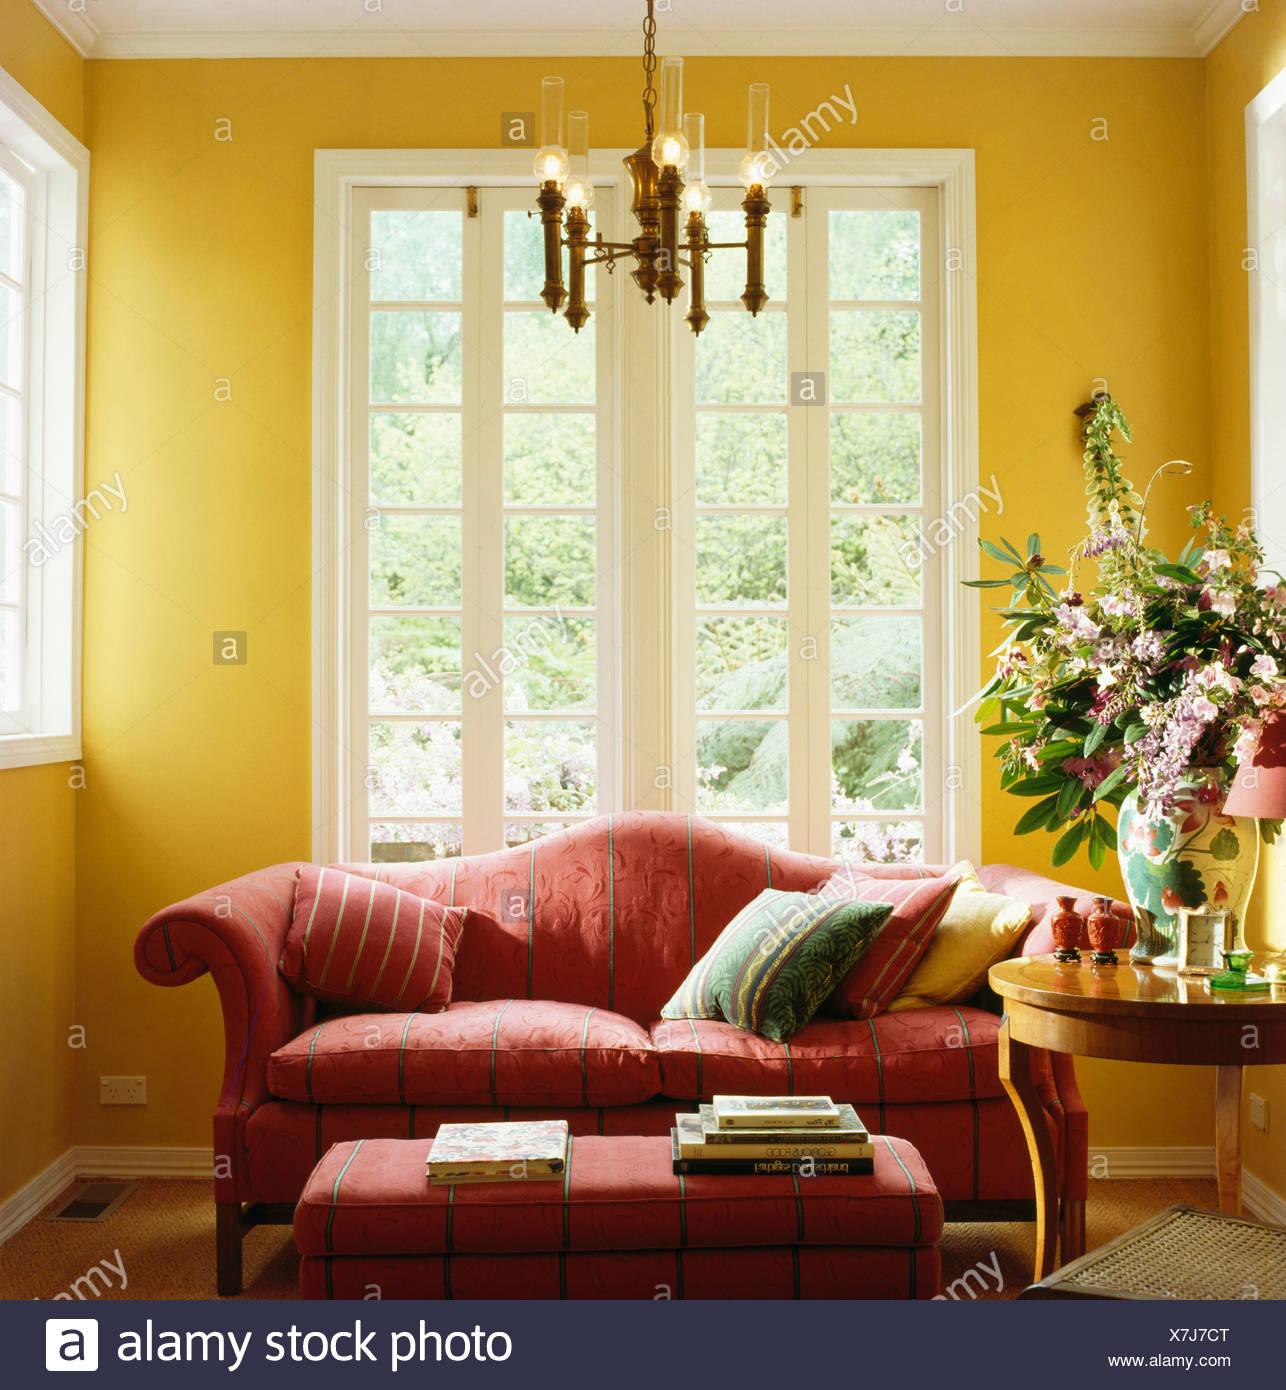 https://c8.alamy.com/compit/x7j7ct/divano-rosso-nella-parte-anteriore-del-francese-windows-in-giallo-soggiorno-con-grandi-fiori-in-un-angolo-della-stanza-x7j7ct.jpg